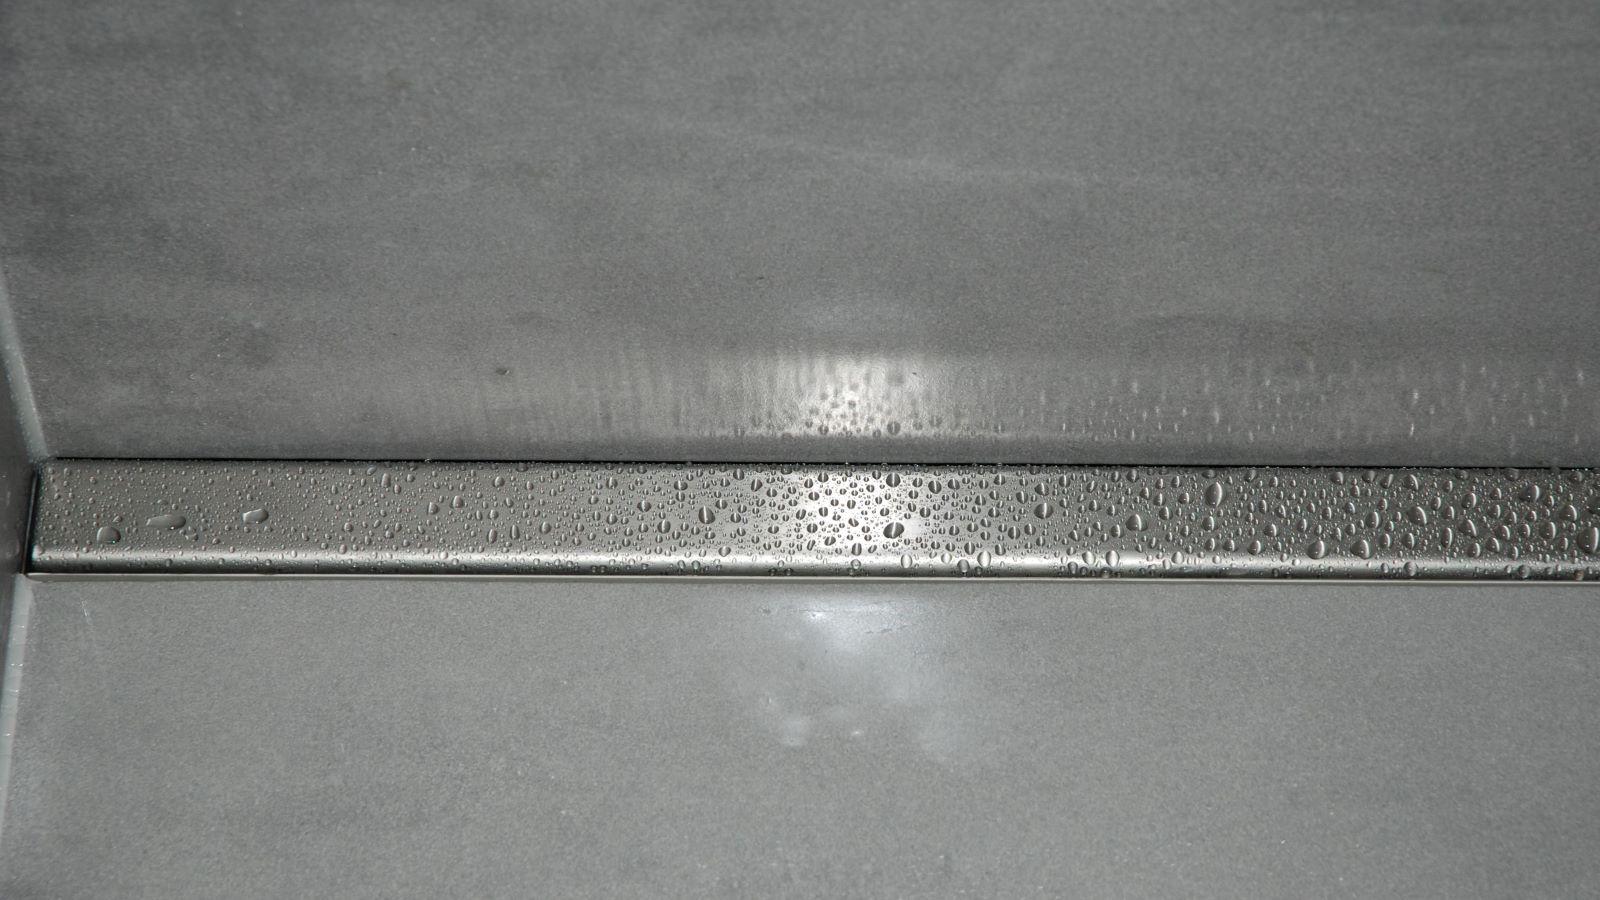 Abgebildet ist die langlebige, robuste v4a edelstahl-duschrinne pro xxl, einfach und unauffaellig wandbuendig installiert. Die extra lange, unempfindliche duschrinne ist ideal gerade für reihenduschen, denn sie wird cm-genau bis 600 cm massgefertigt. Sie zeichnet sich durch einen einfachen einbau aus. Die sehr lange, passgenaue duschrinne pro ermoeglicht insbesondere die estrichverlegung mit nur einer gefaellerichtung in der reihendusche. Das ist besonders wichtig fuer die sicherheit gehbehinderter menschen und von rollstuhlfahrern in barrierefreien duschen.